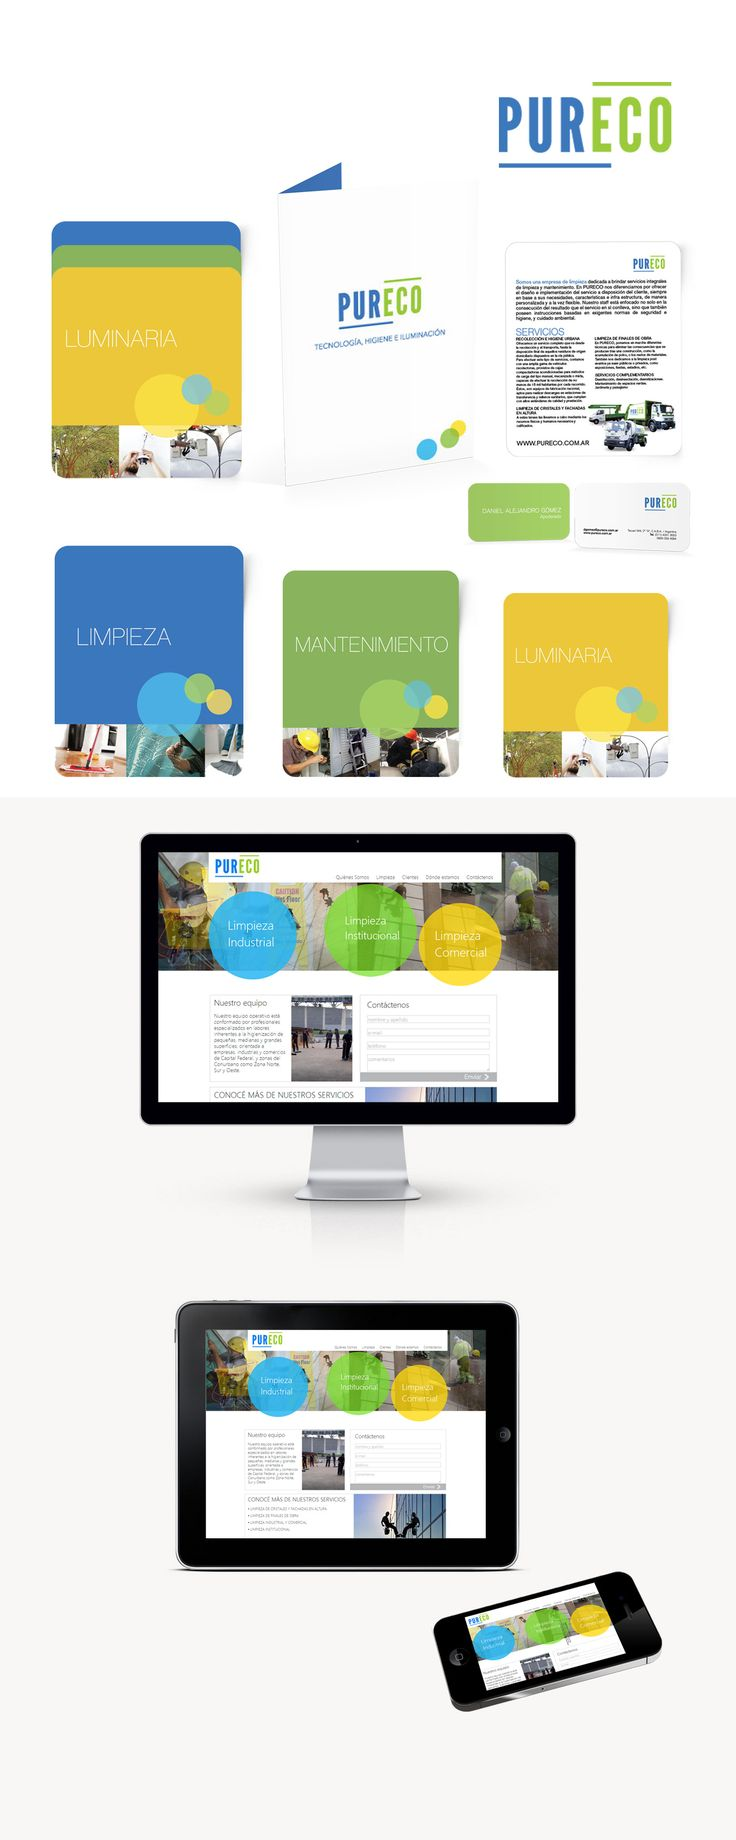 Como parte de una estrategia completa, Pureco requería para lanzar sus servicios al mercado la realización y diseño de un sitio web que sea dinámico, simple y atractivo donde sus servicios se muestren como protagonistas.